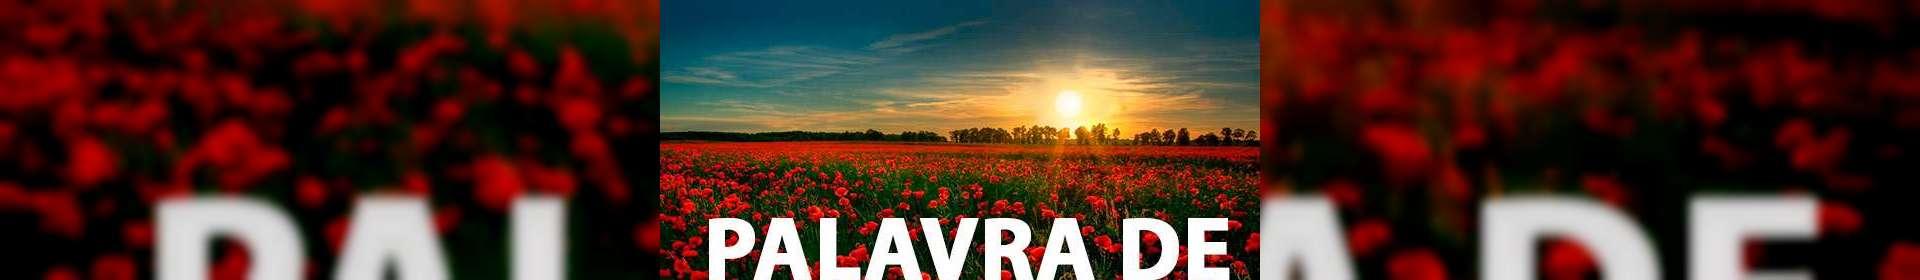 Êxodo 33:14,15 - Uma Palavra de Esperança para sua vida